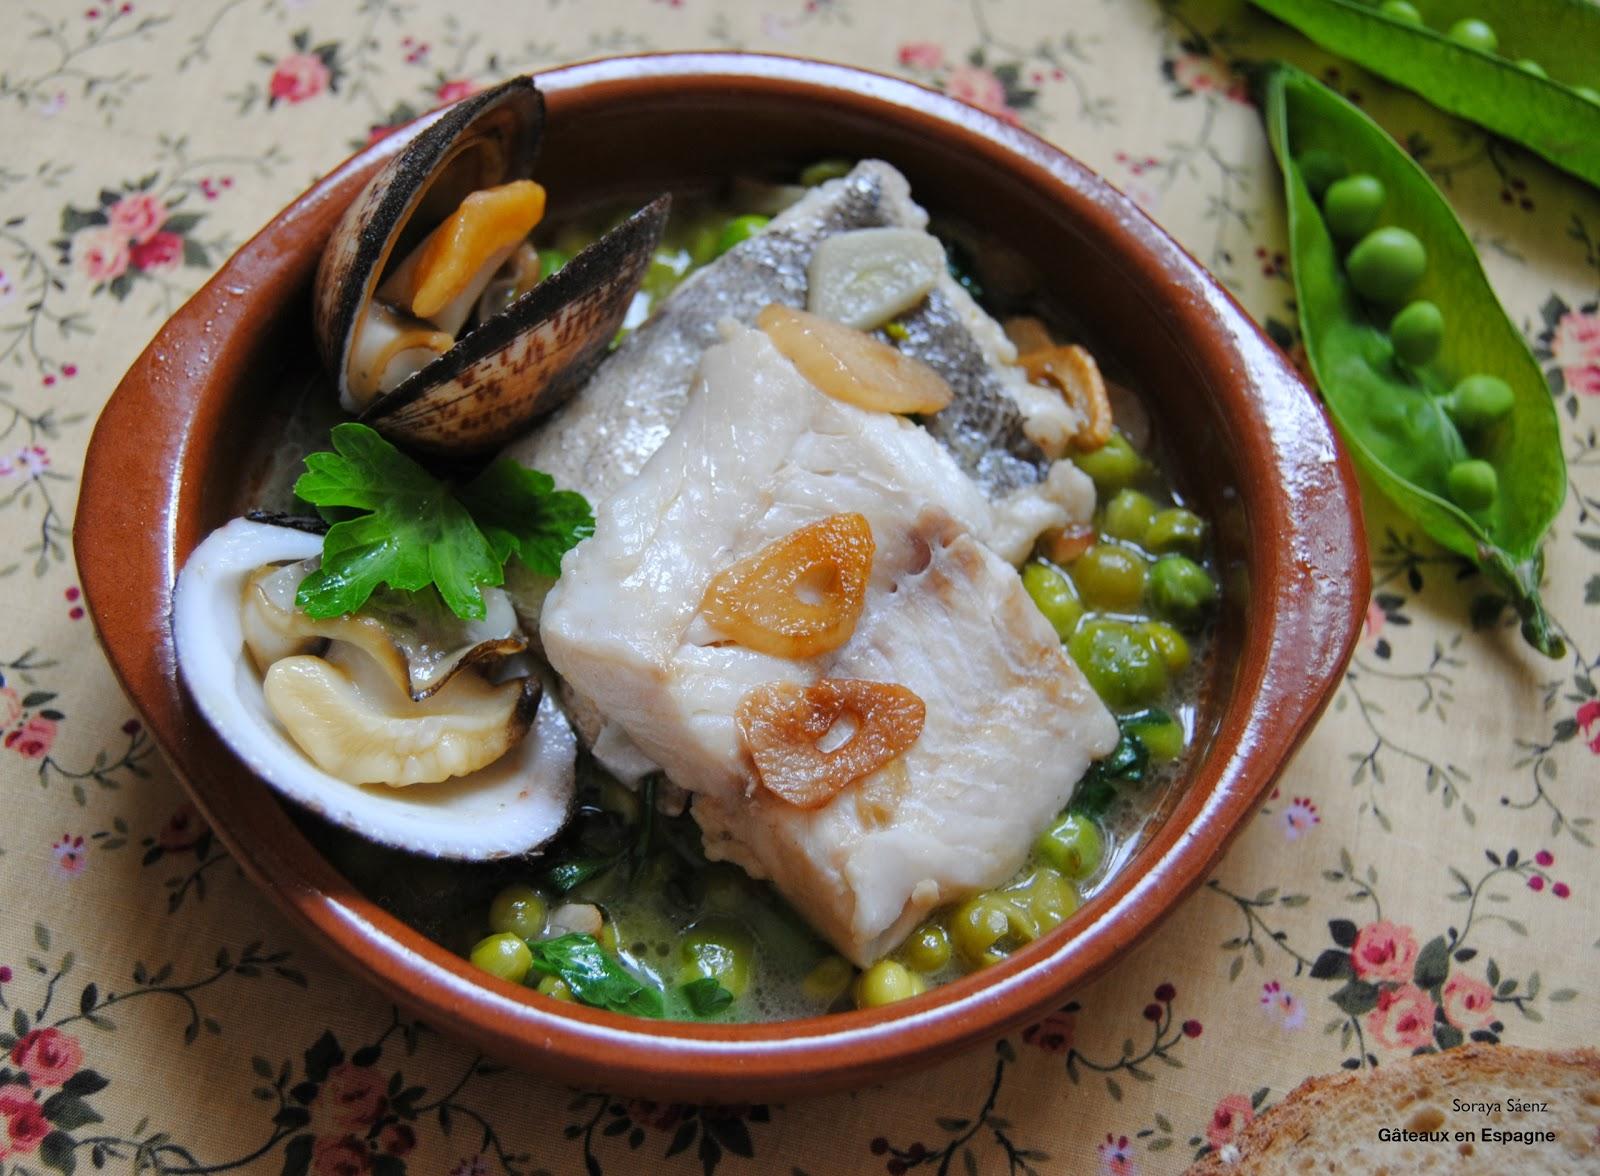 G teaux en espagne recette espagnole colin en sauce verte - Recette typique espagnole ...